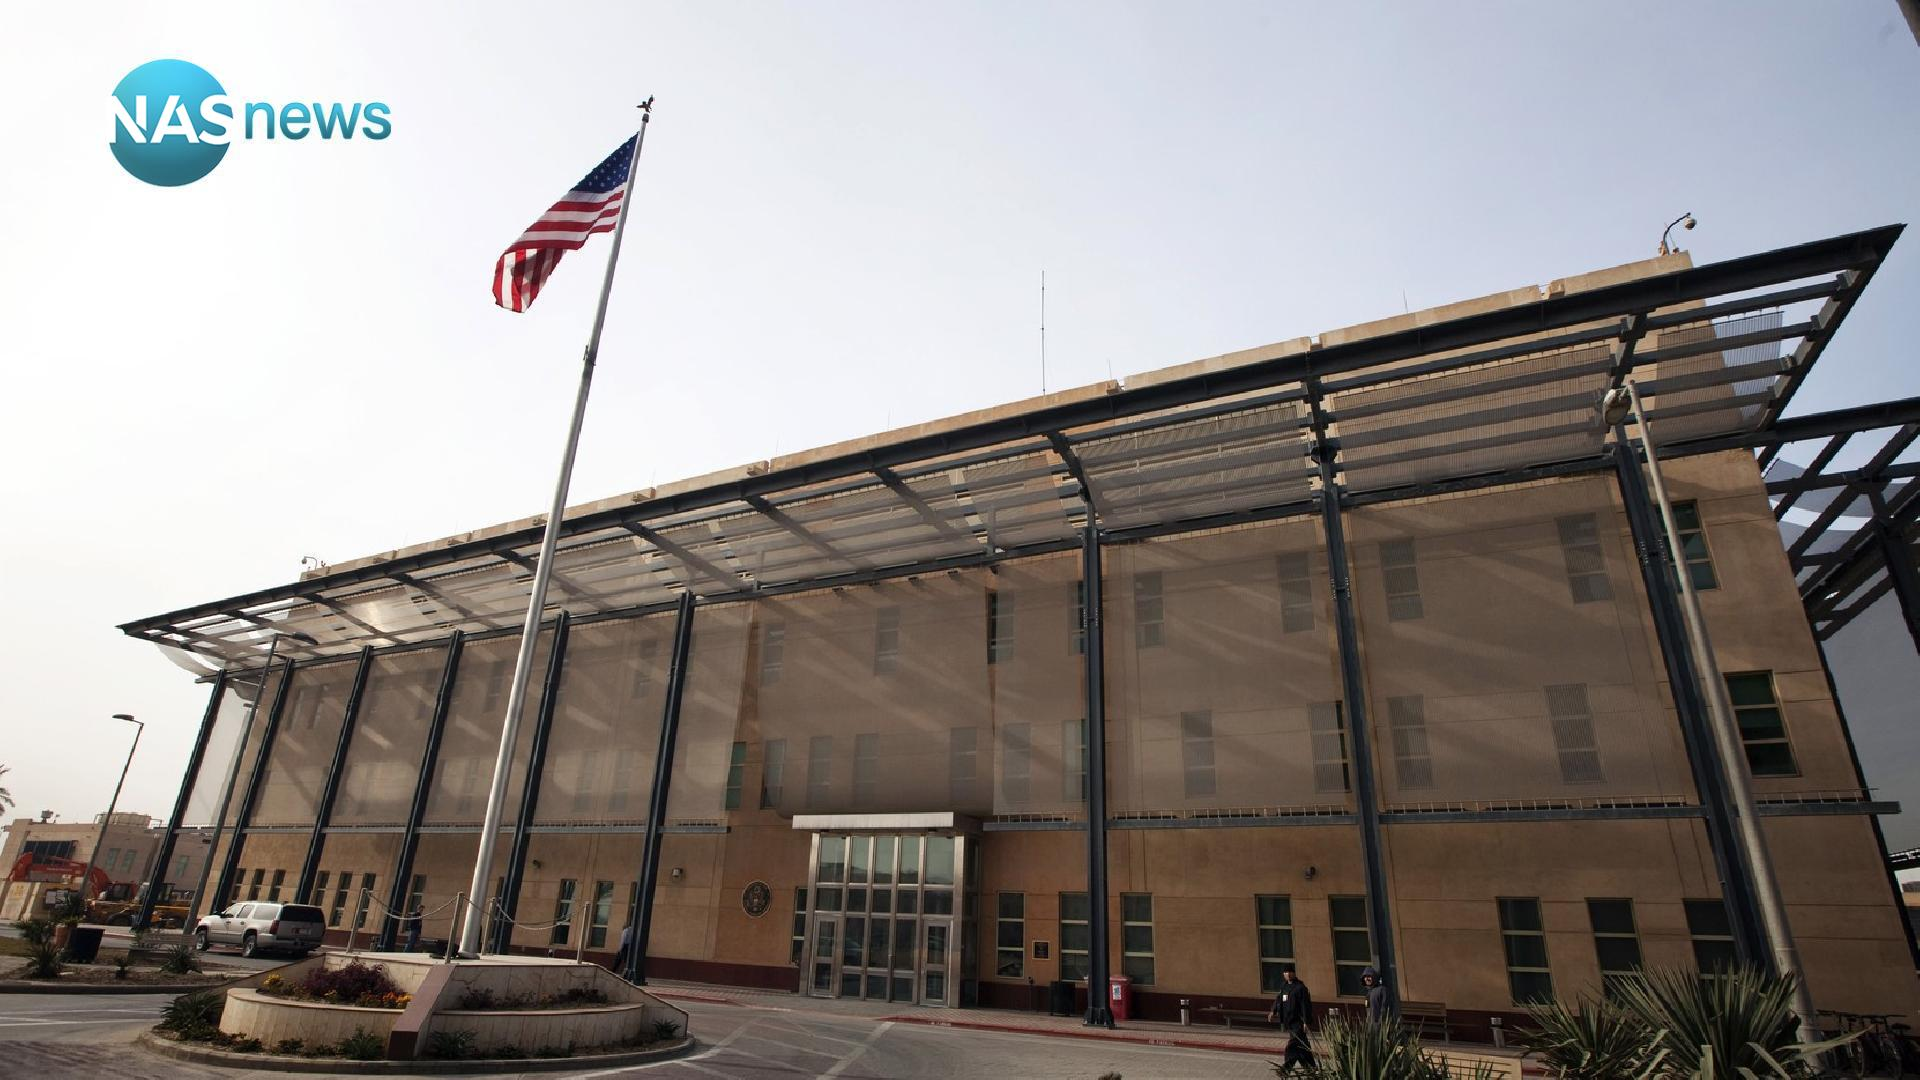 السفارة الأميركية: نتواصل مع أكثر من جهة بعد حريق مخيم النازحين في دهوك